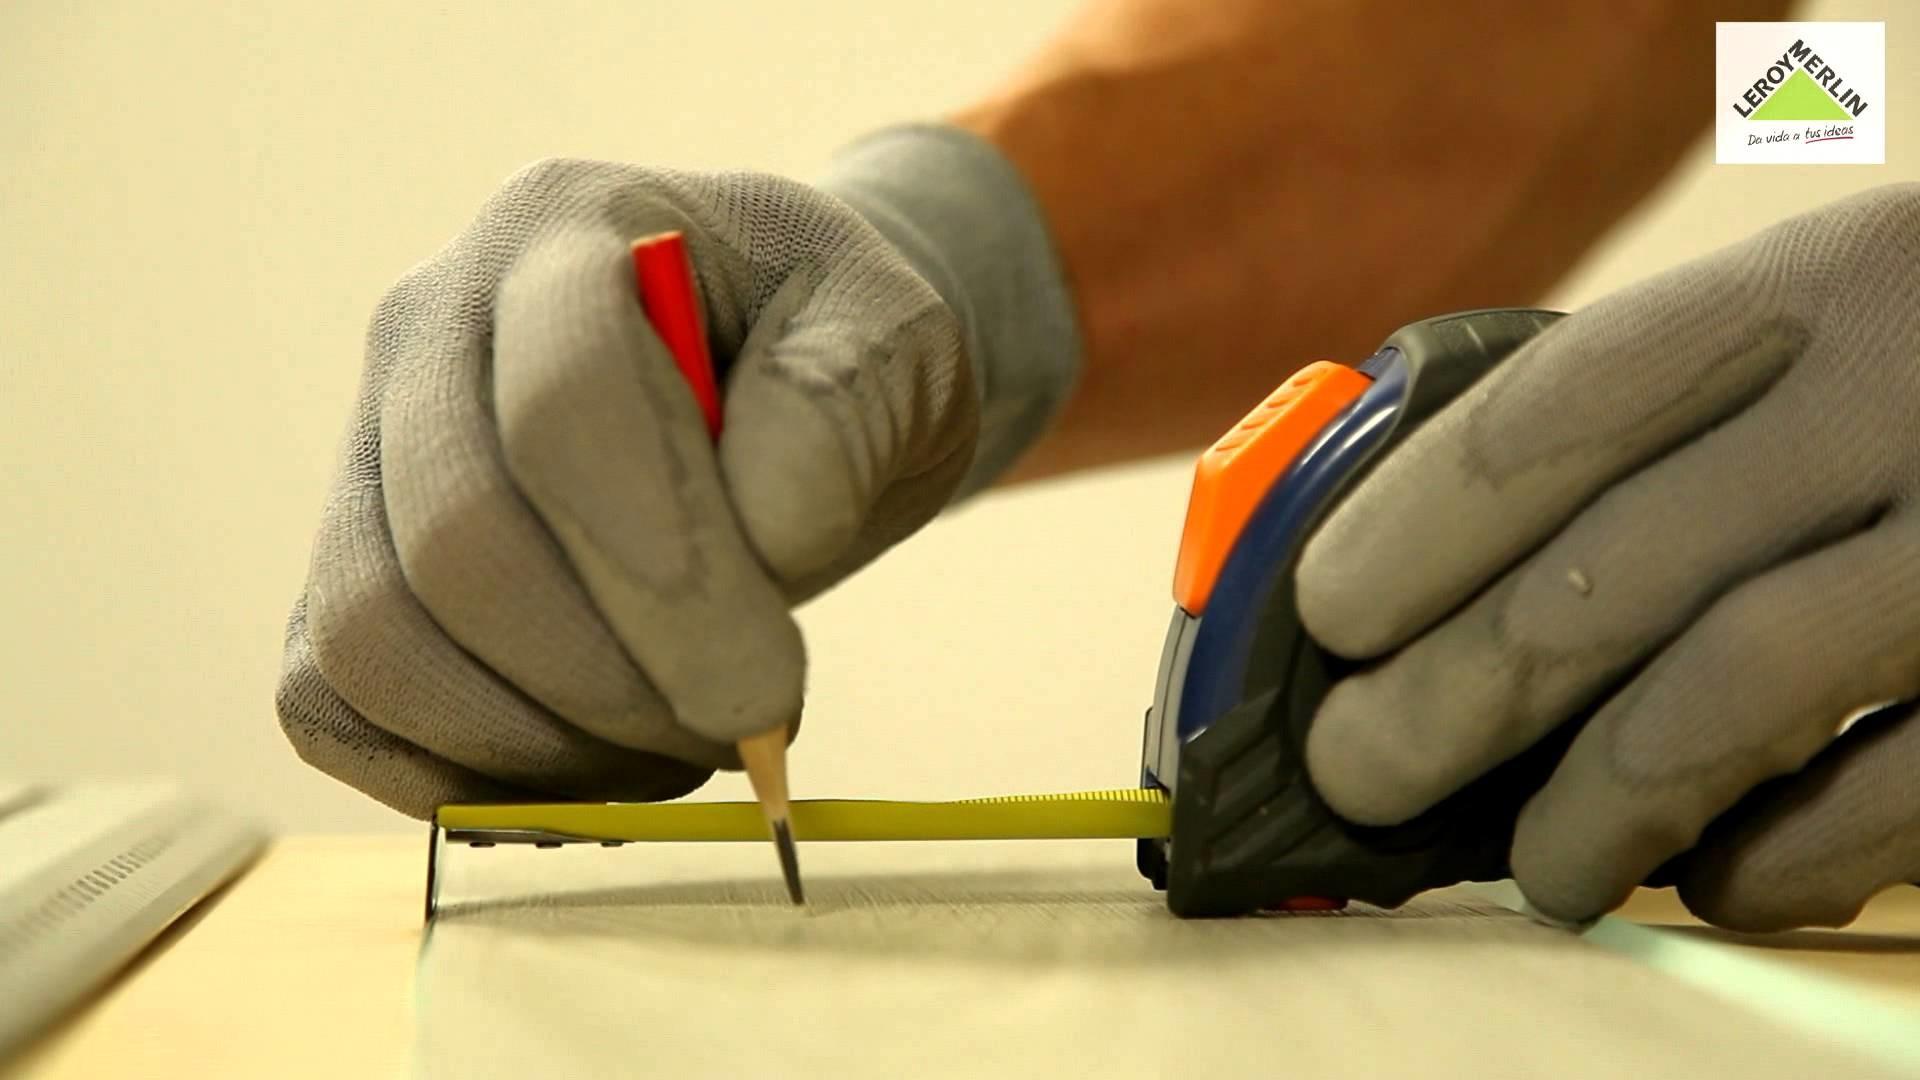 Cómo instalar lamas vinílicas adhesivas (Leroy Merlin)